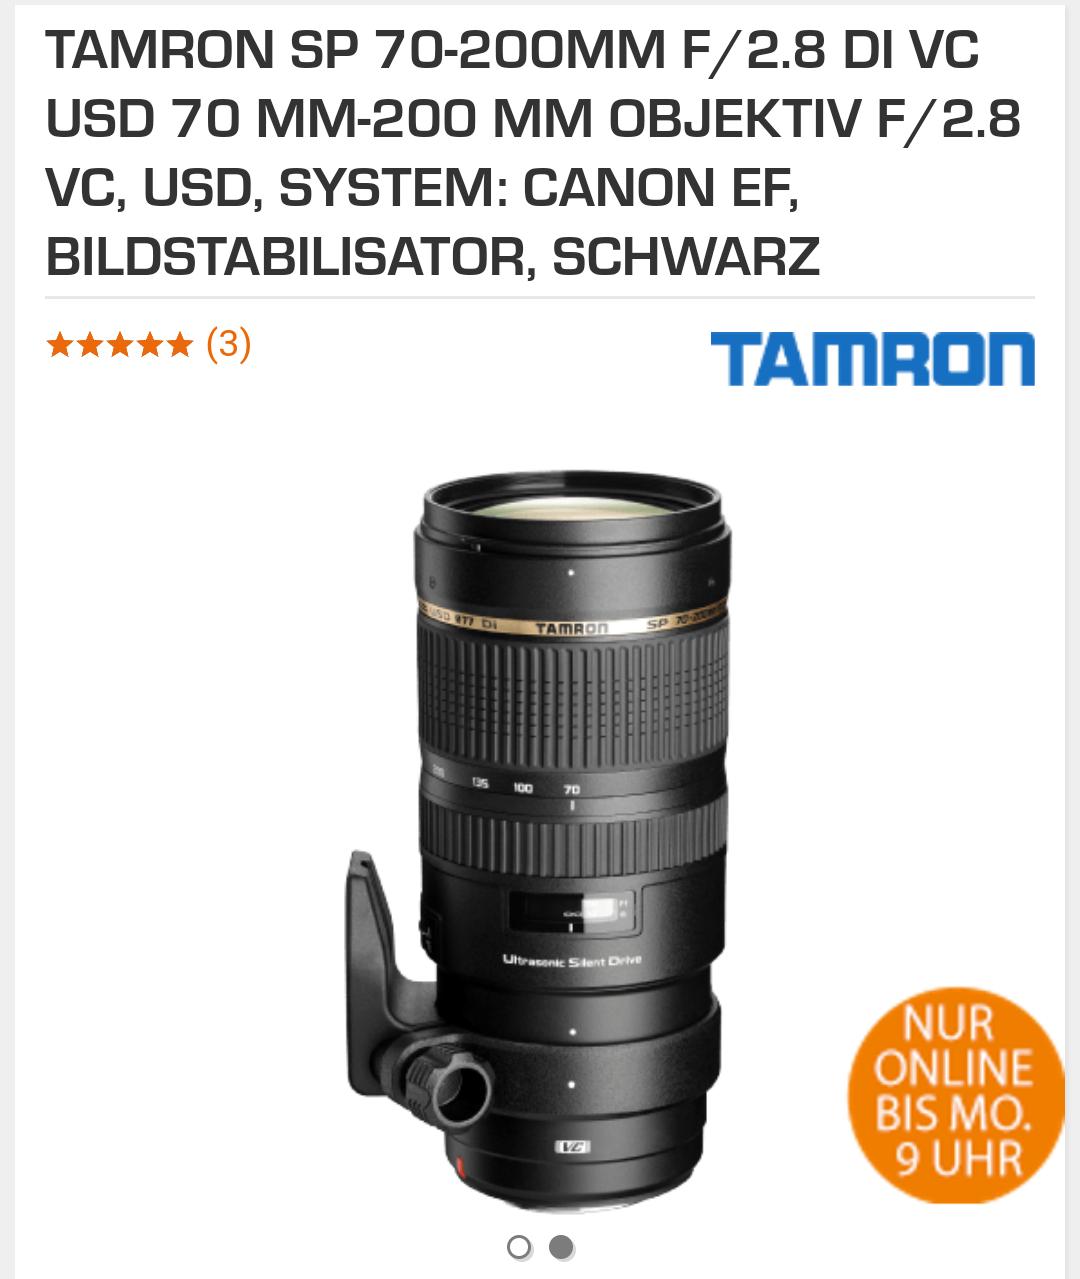 TAMRON SP 70-200MM F/2.8 DI VC USD  | Canon EF | Amazon